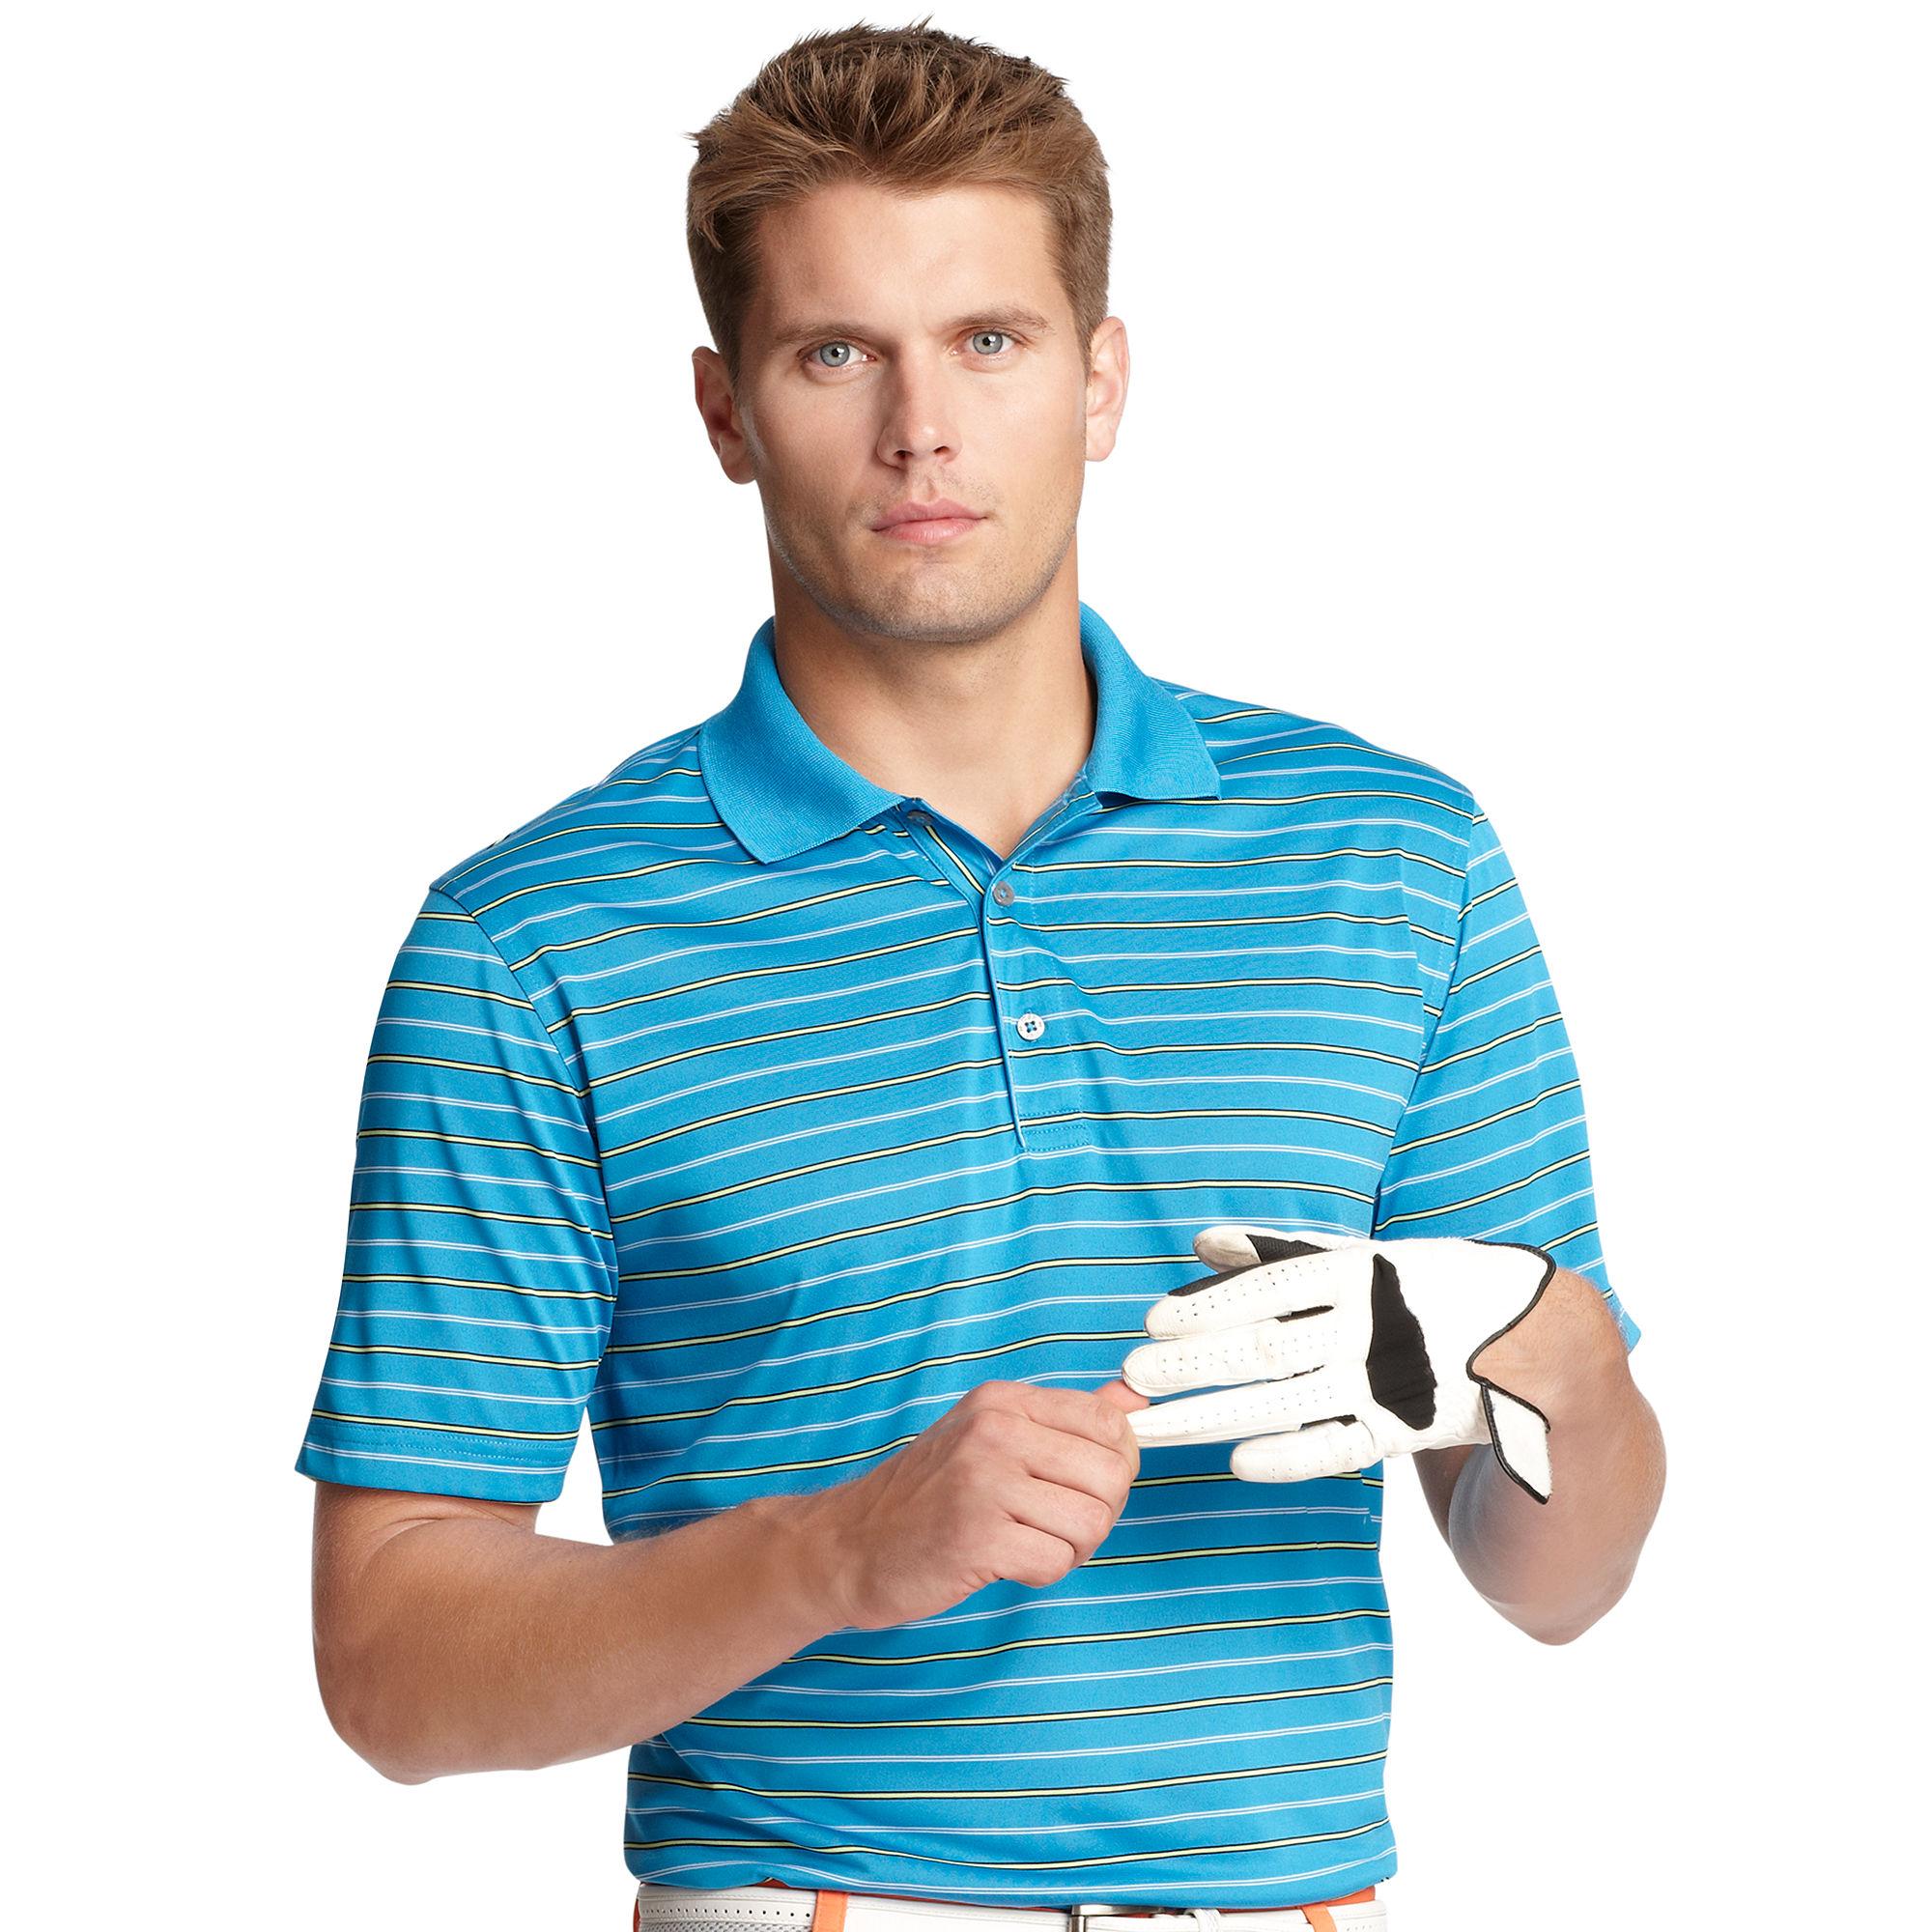 Izod Short Sleeve Stripe Polo In Blue For Men Living